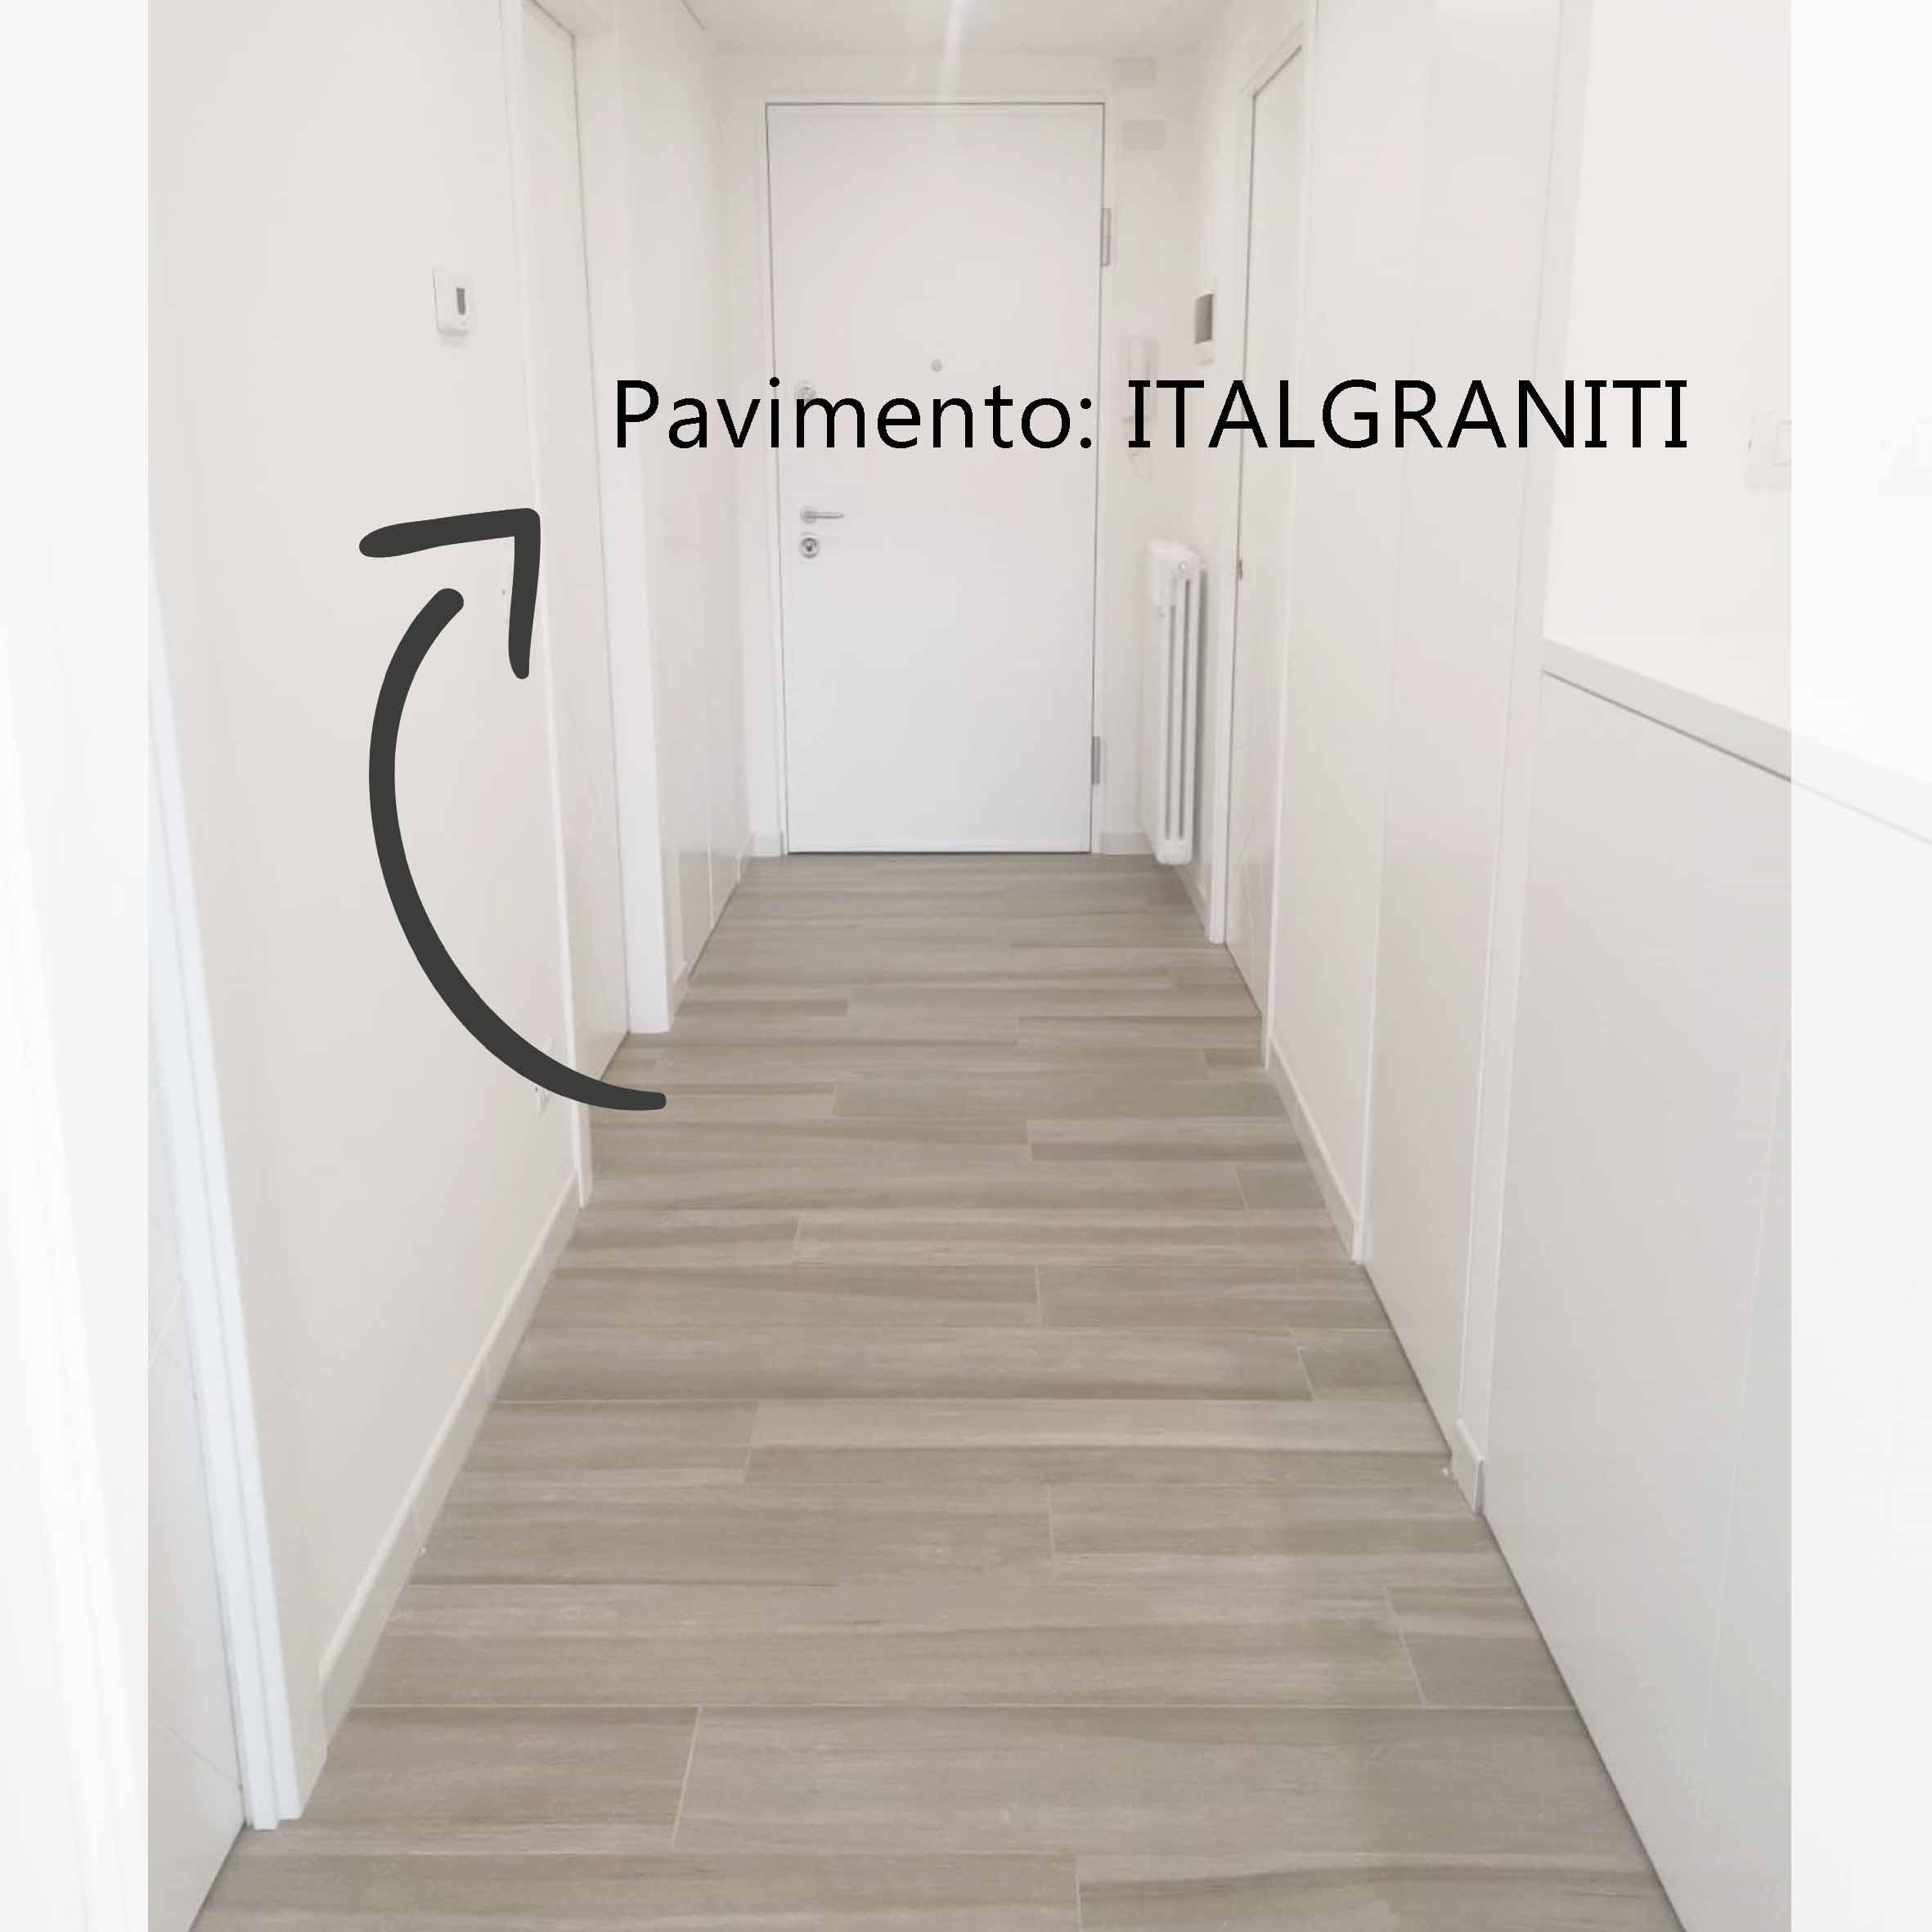 centro dell'arredamento ligure-realizzazioni-italgraniti-pavimento